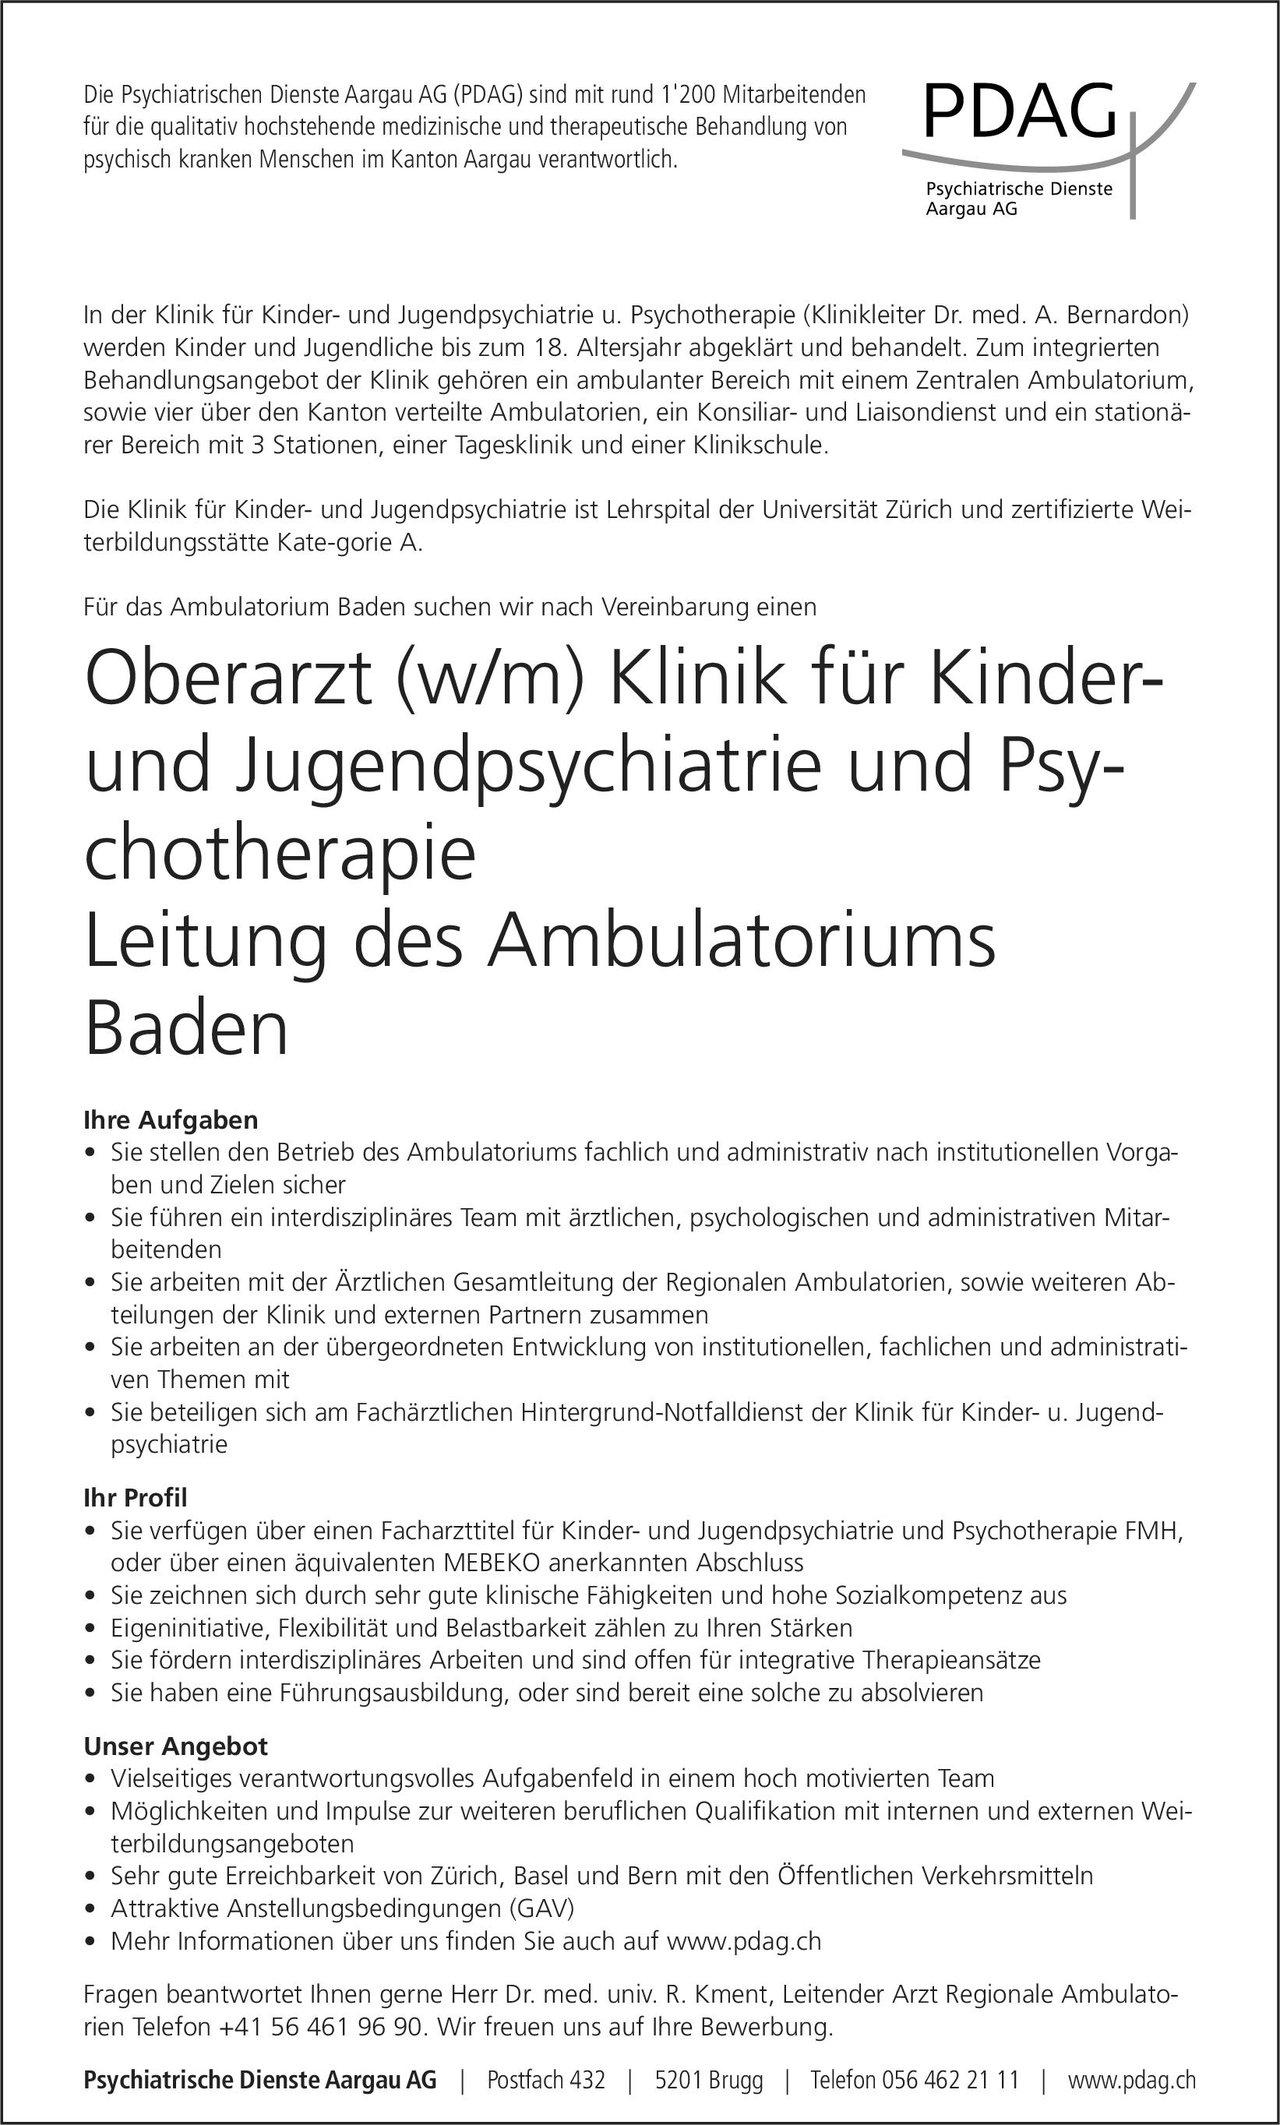 Psychiatrischen Dienste Aargau AG (PDAG) Oberarzt (w/m) Klinik für Kinder- und Jugendpsychiatrie und Psychotherapie - Leitung des Ambulatoriums Baden Kinder- und Jugendpsychiatrie und -psychotherapie Oberarzt